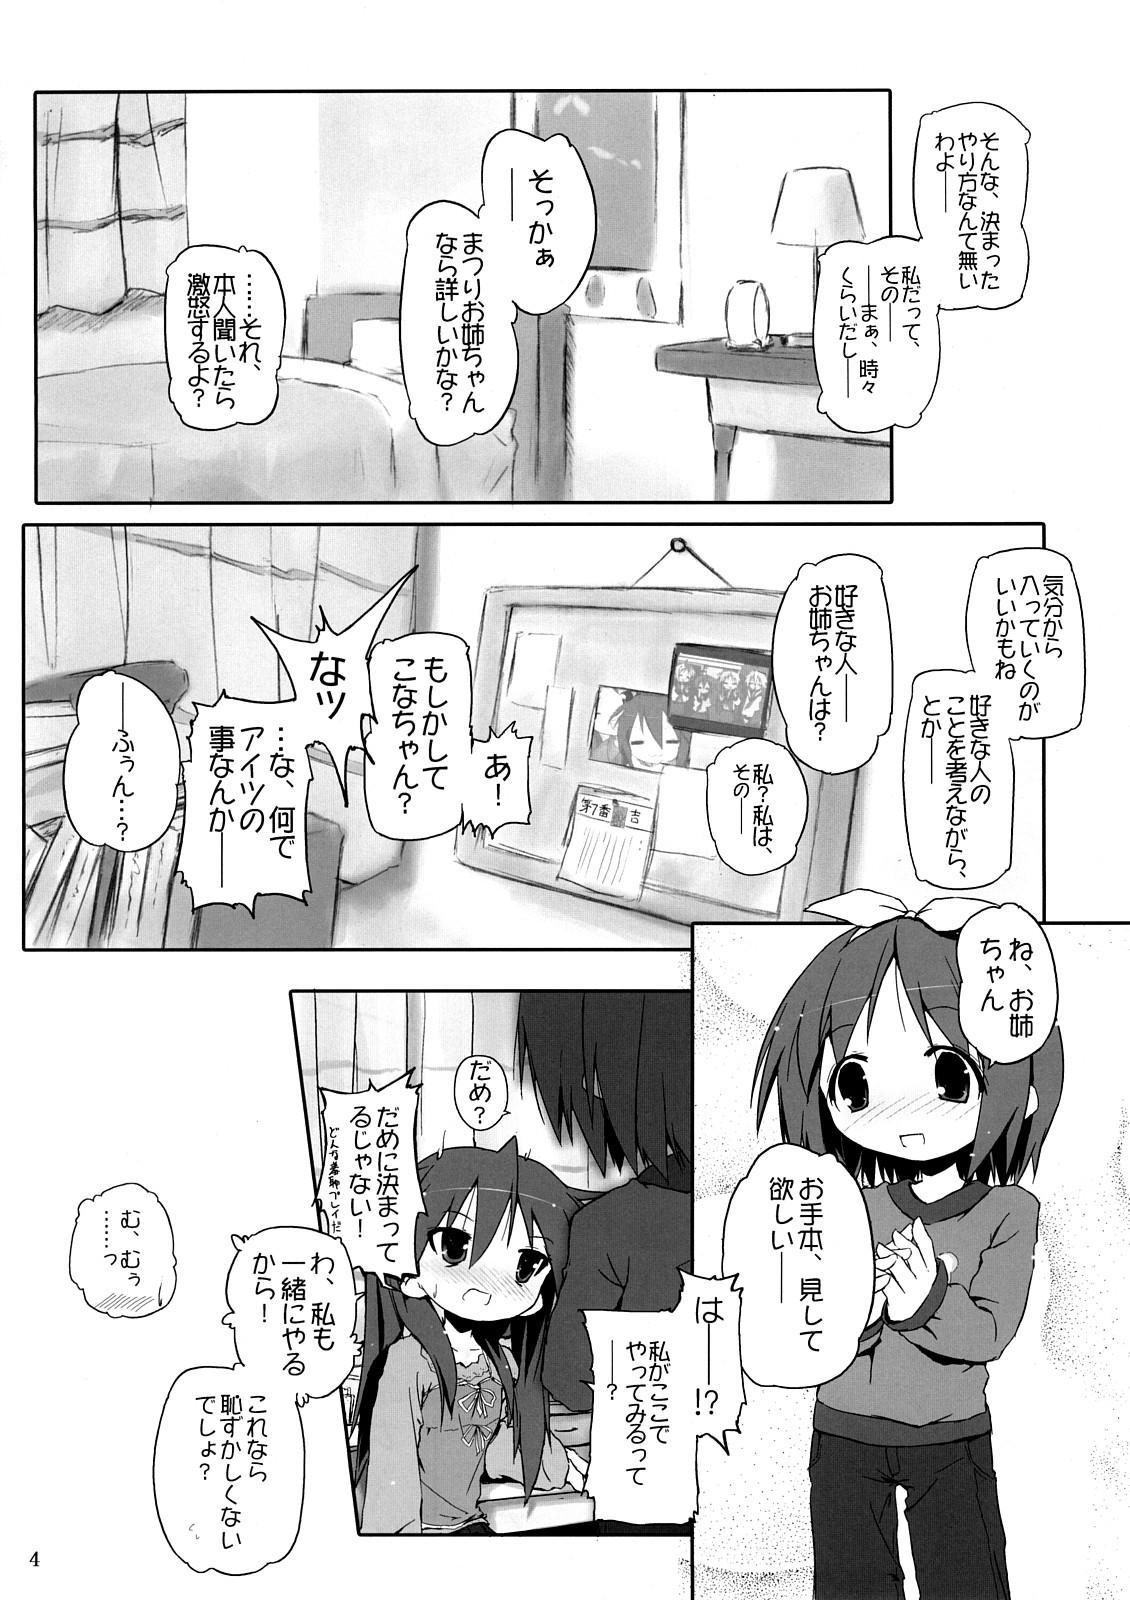 Hiiragi Shimai Aibu Manual 4